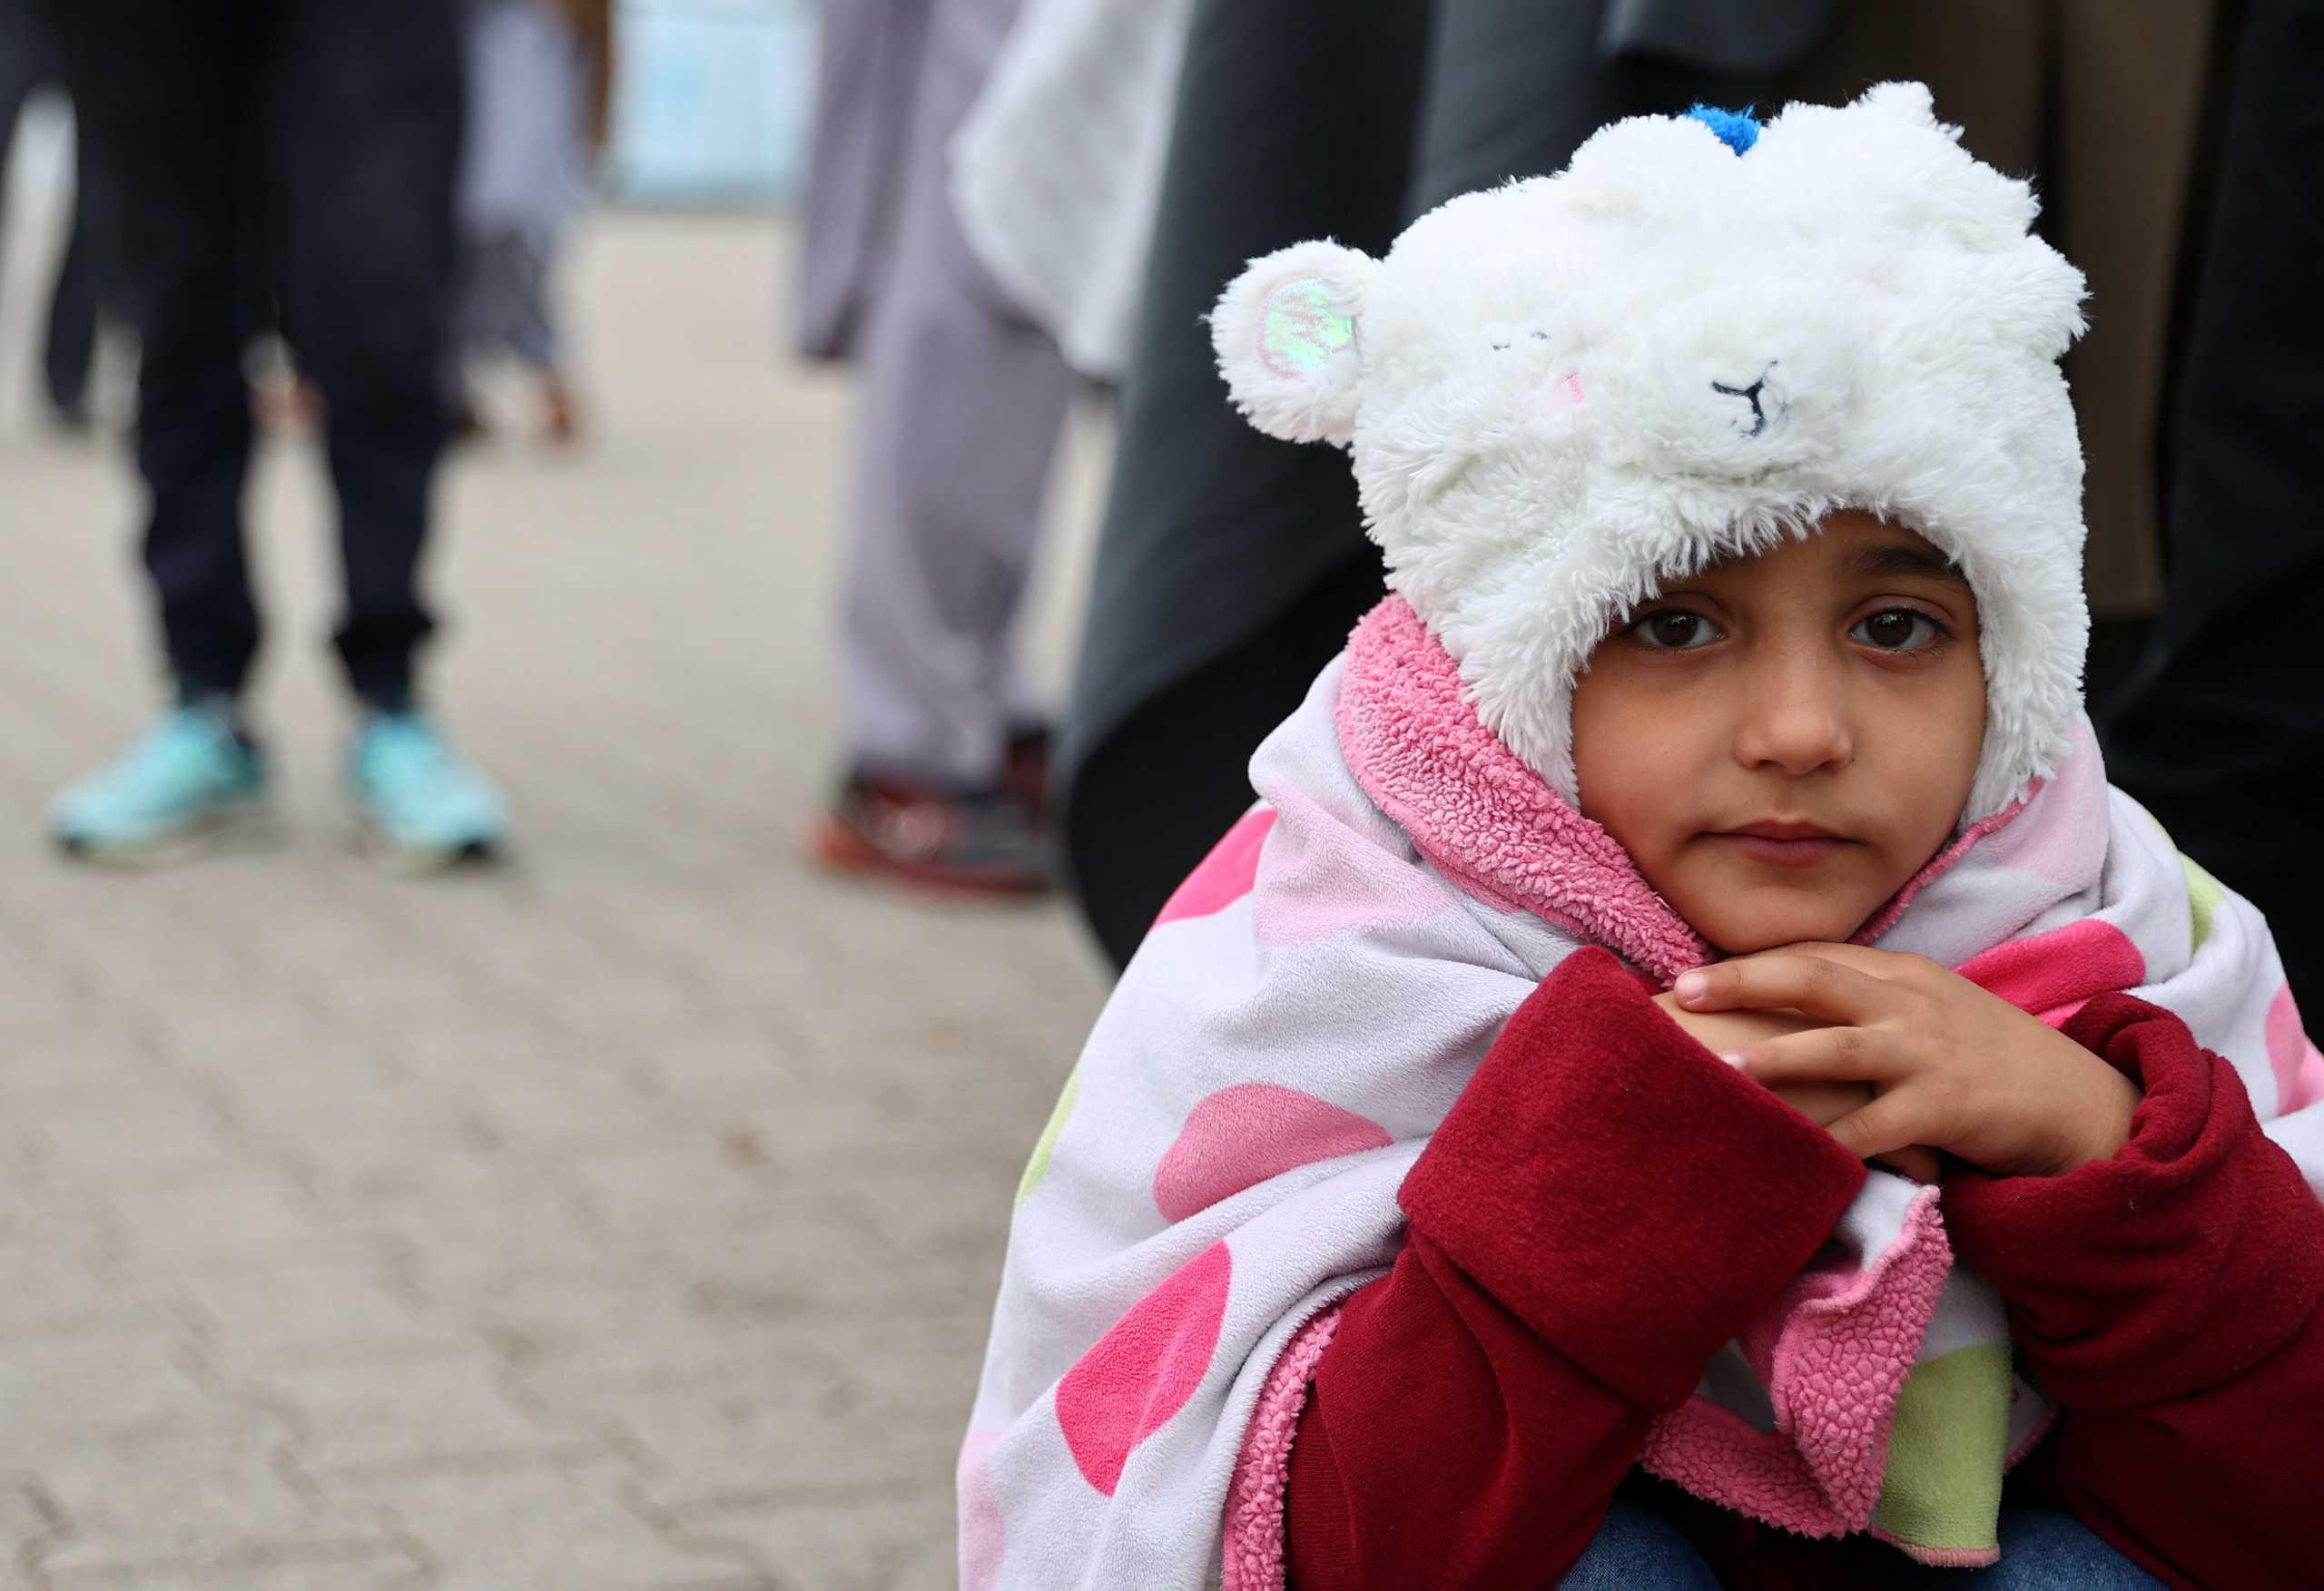 Αφγανιστάν: Ο Παγκόσμιος Οργανισμός Υγείας δημιουργεί αερογέφυρα με ιατροφαρμακευτικό υλικό